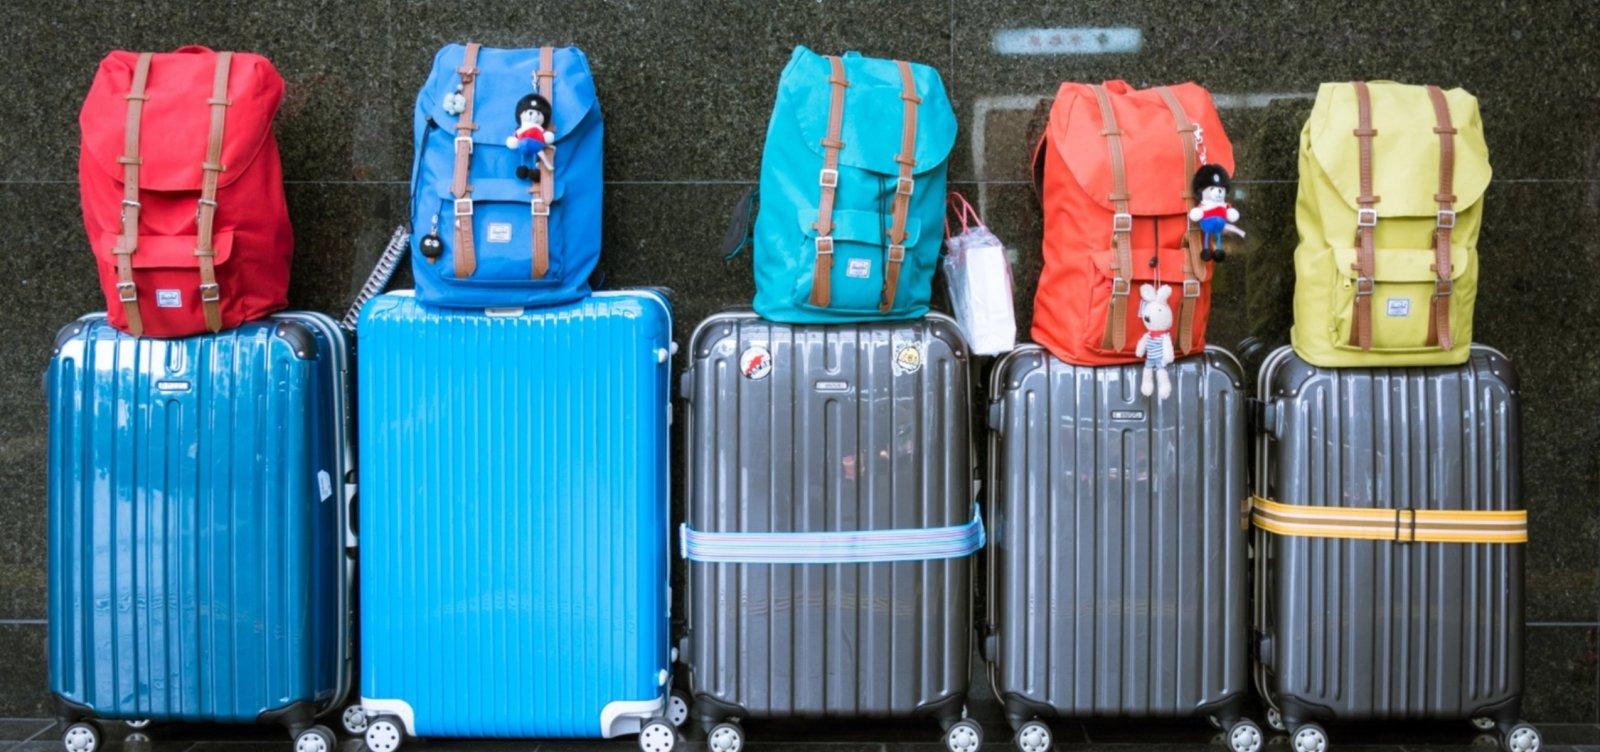 [Companhias aéreas começam a cobrar para embarque de bagagem de mão]